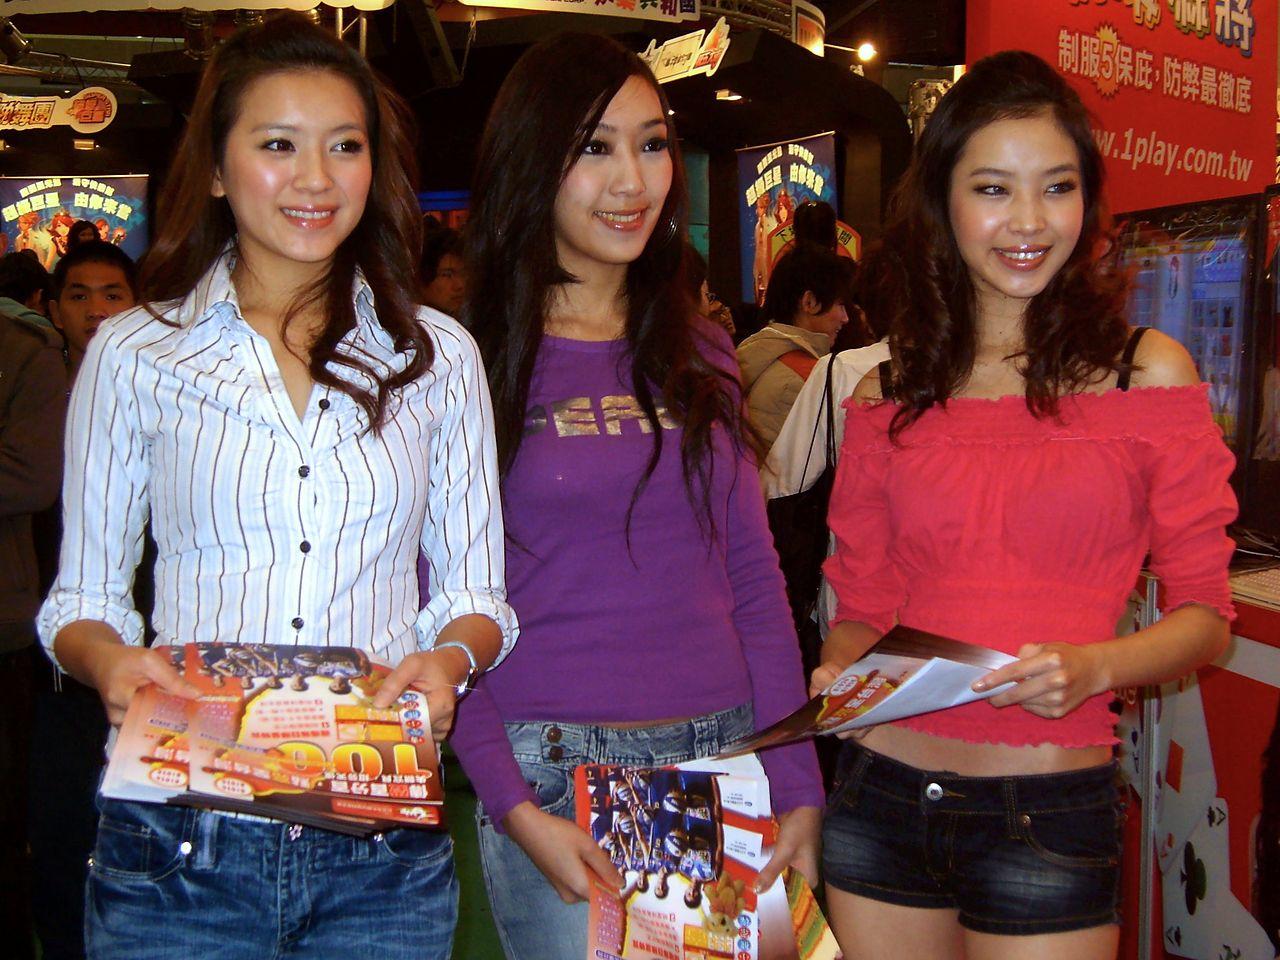 Escort girls in New Taipei